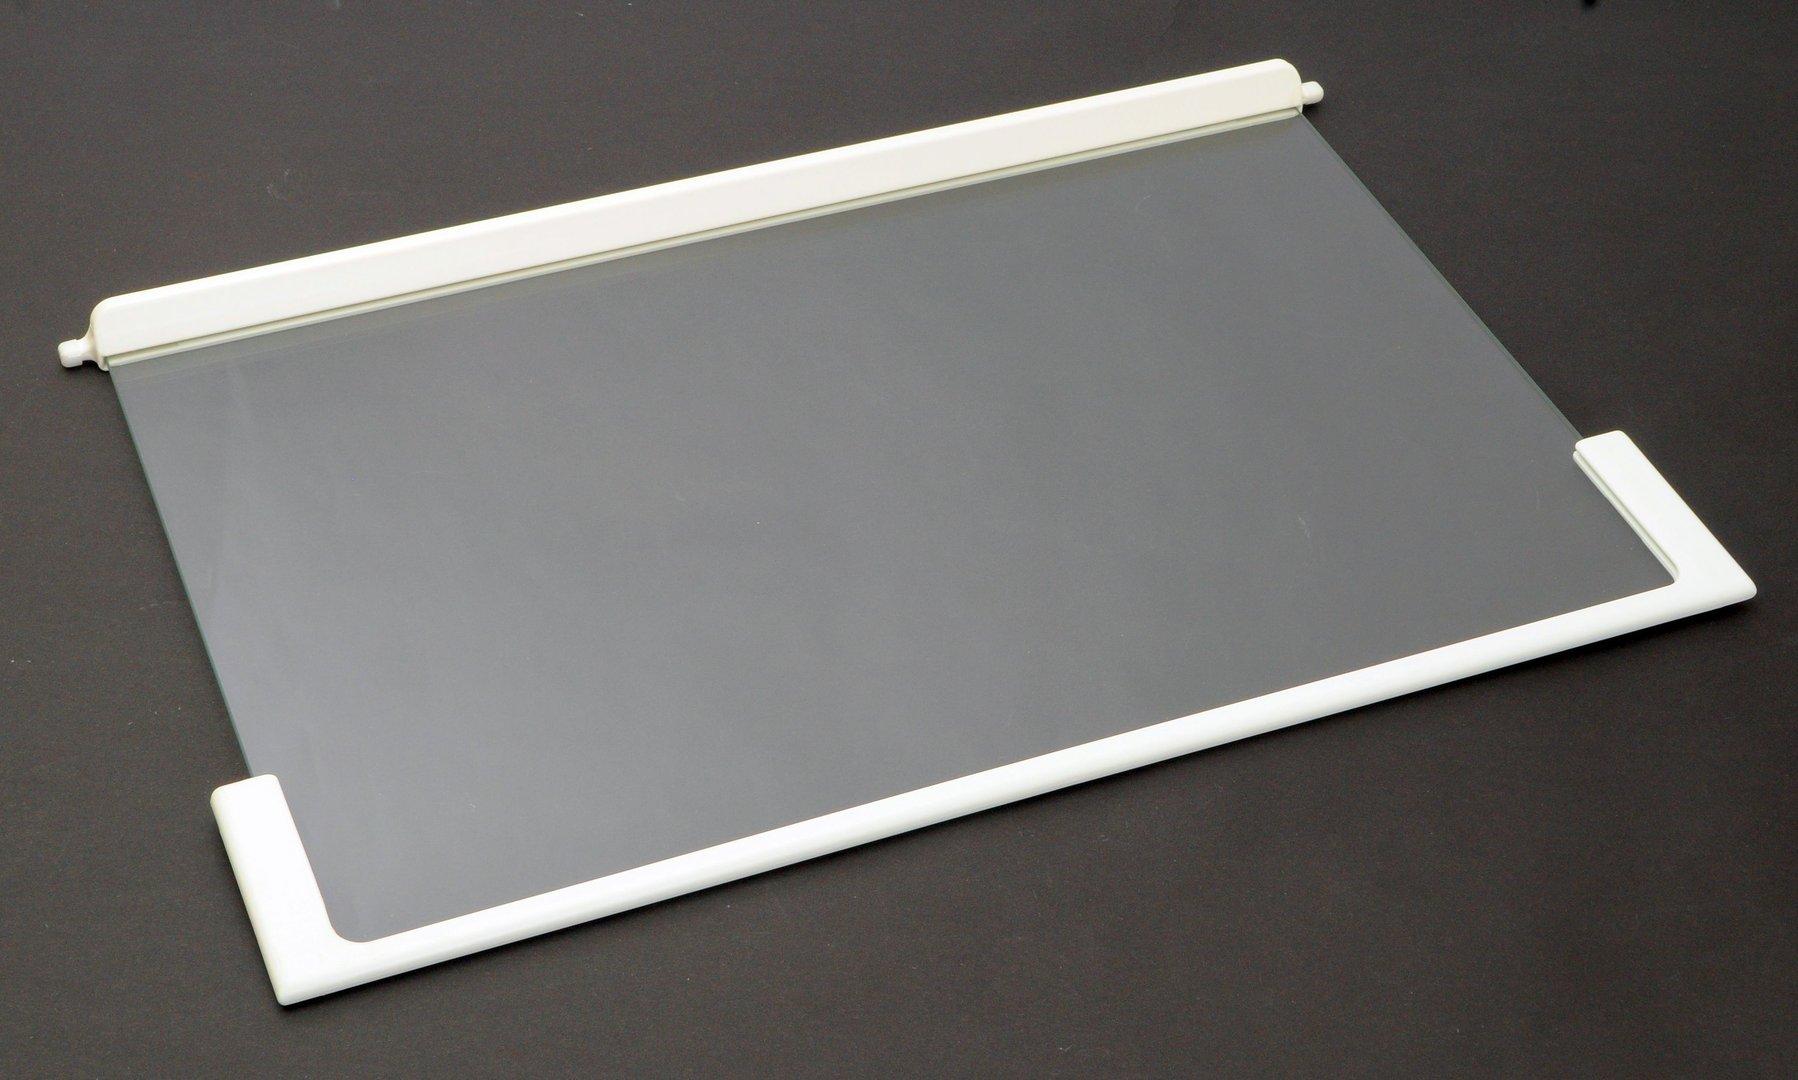 Kühlschrank Glasplatte : Liebherr kühlschrank glasplatte ablage kompl mit leisten